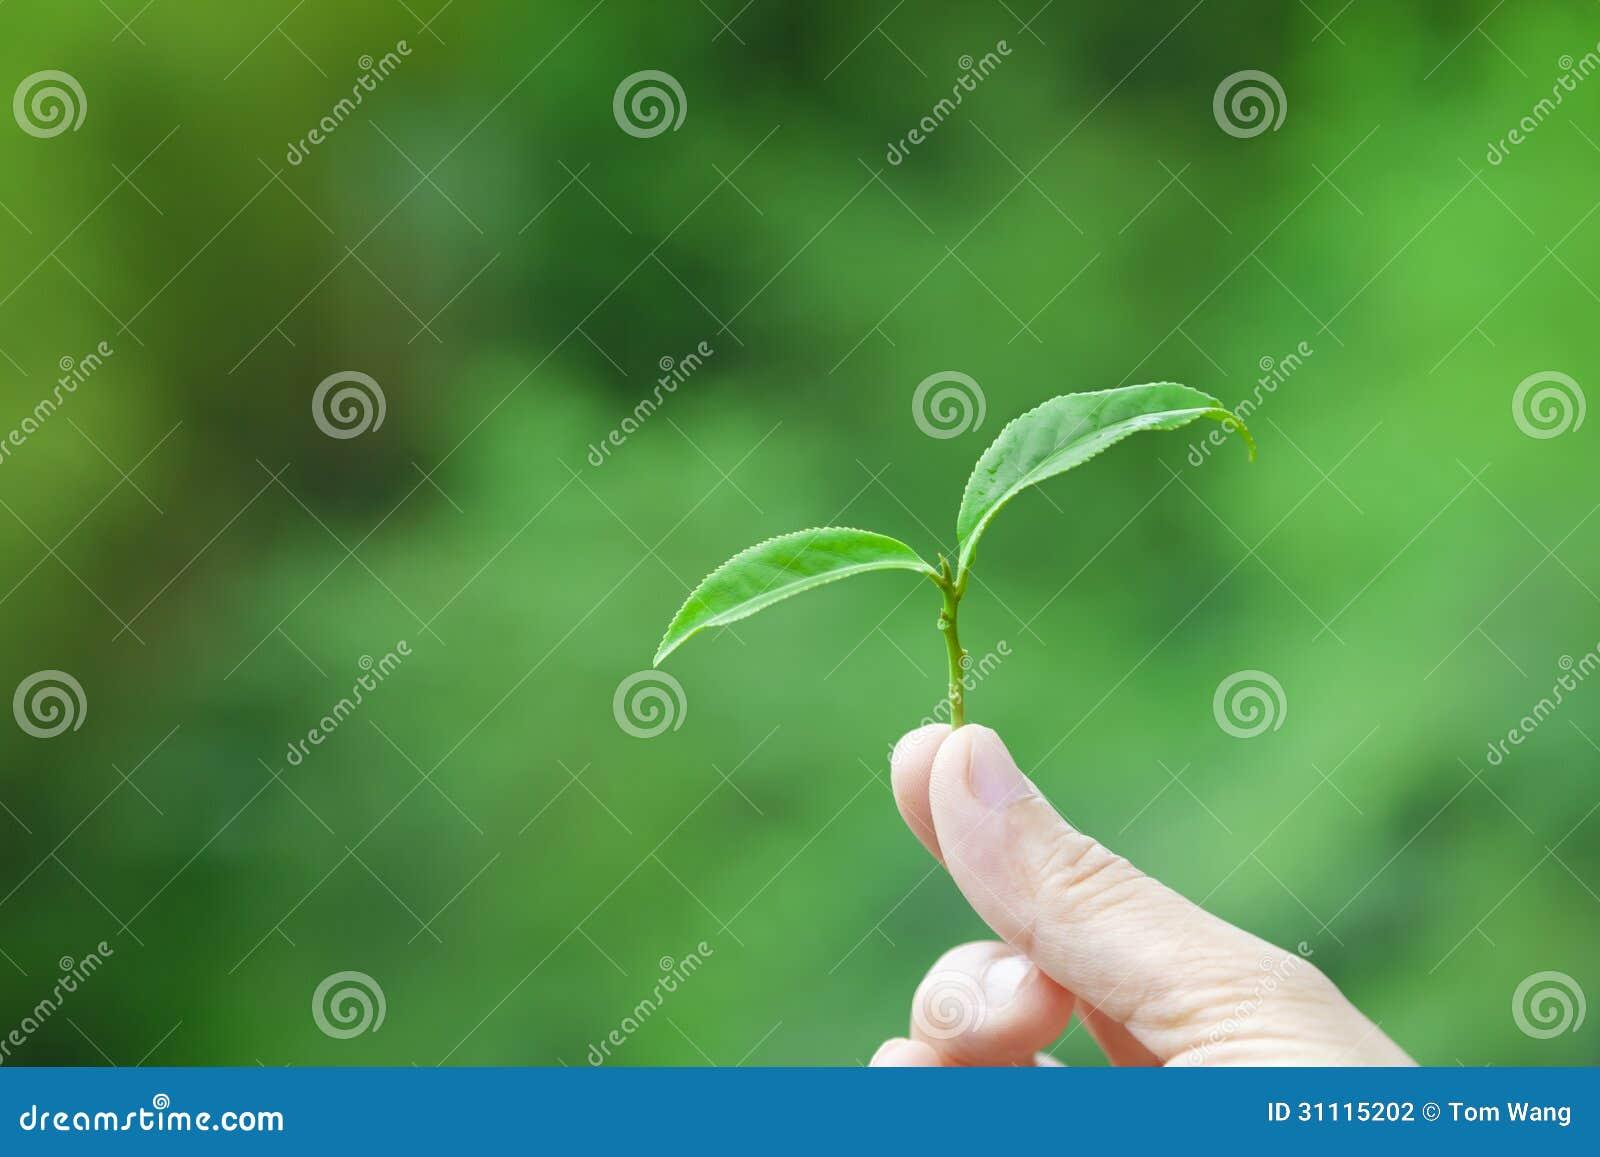 背景 壁纸 绿色 绿叶 树叶 植物 桌面 1300_957图片